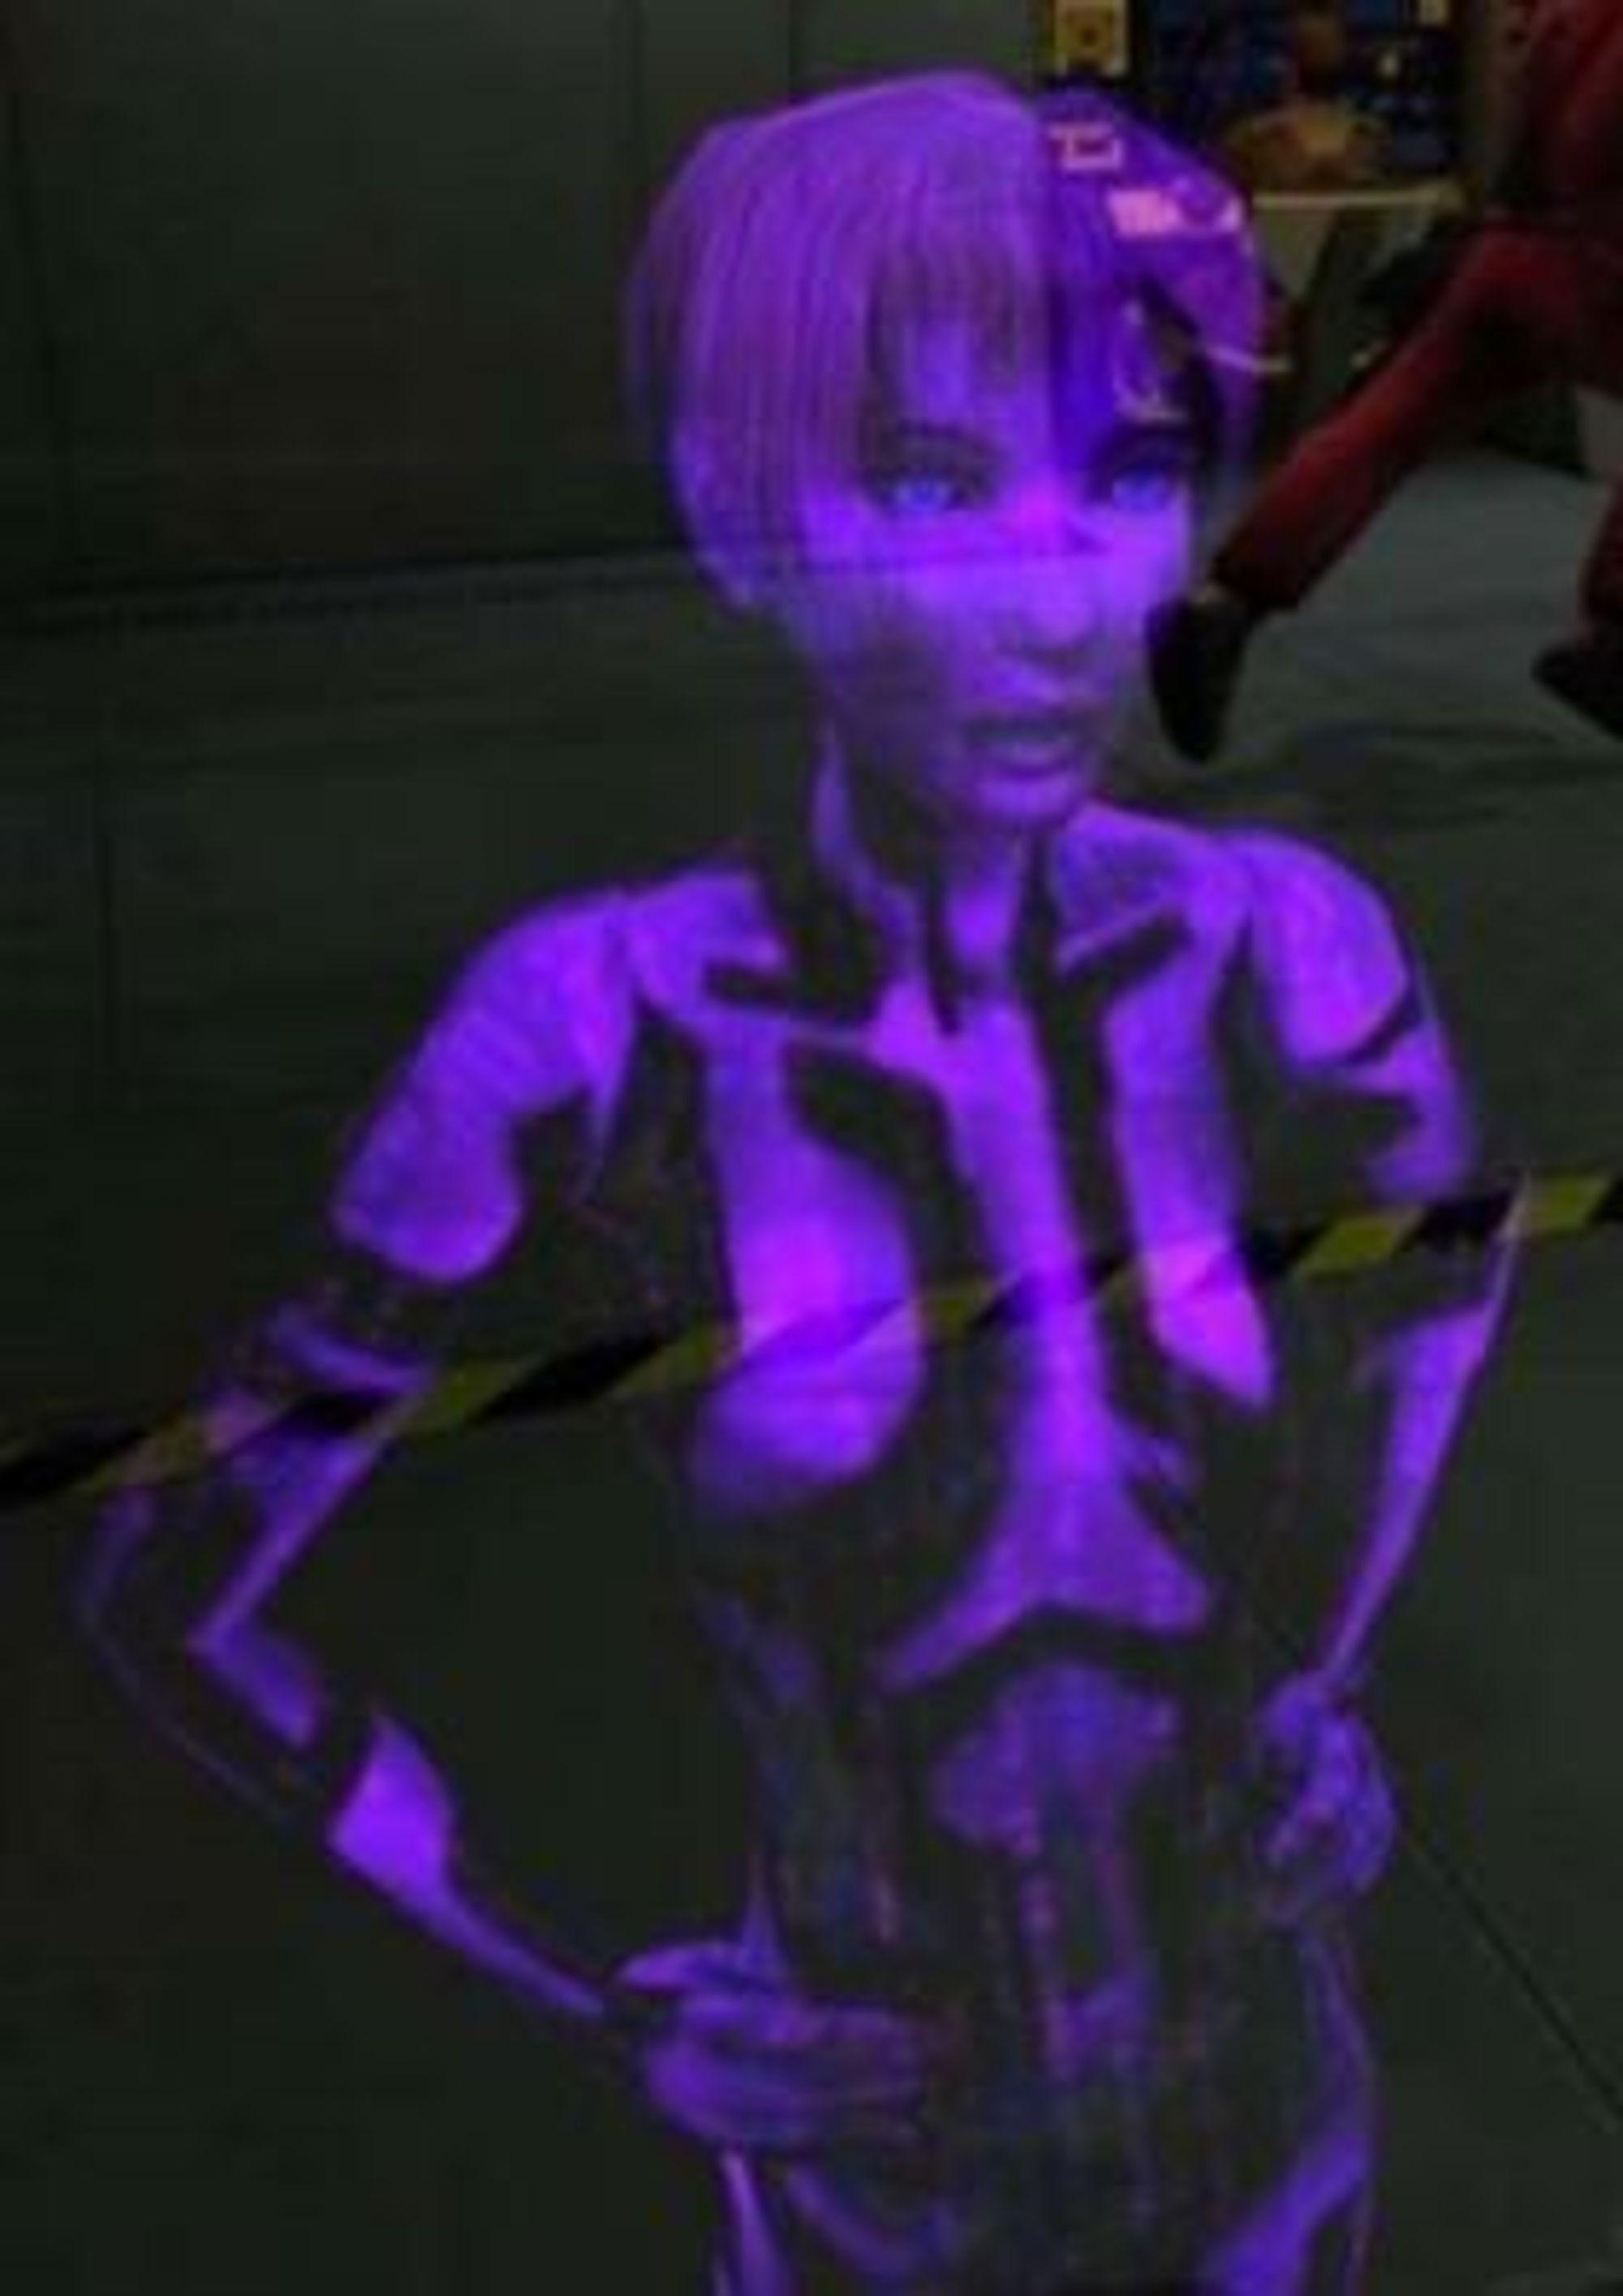 Originalutgaven av Cortana, hentet fra spillet Halo: Combat Evolved.